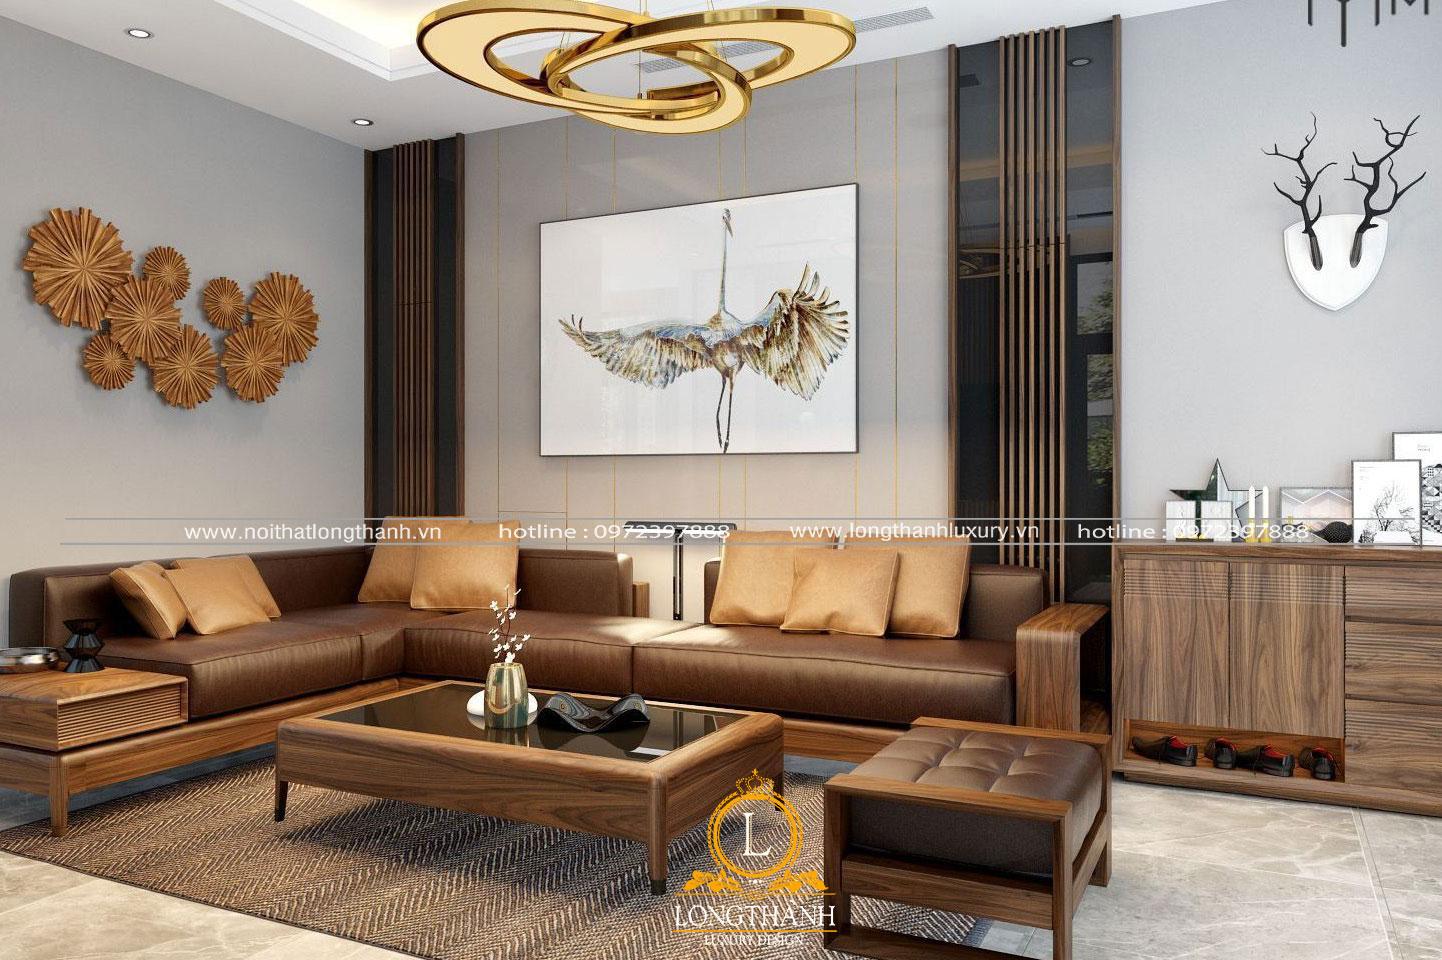 Sofa gỗ phòng khách đẹp hiện đại